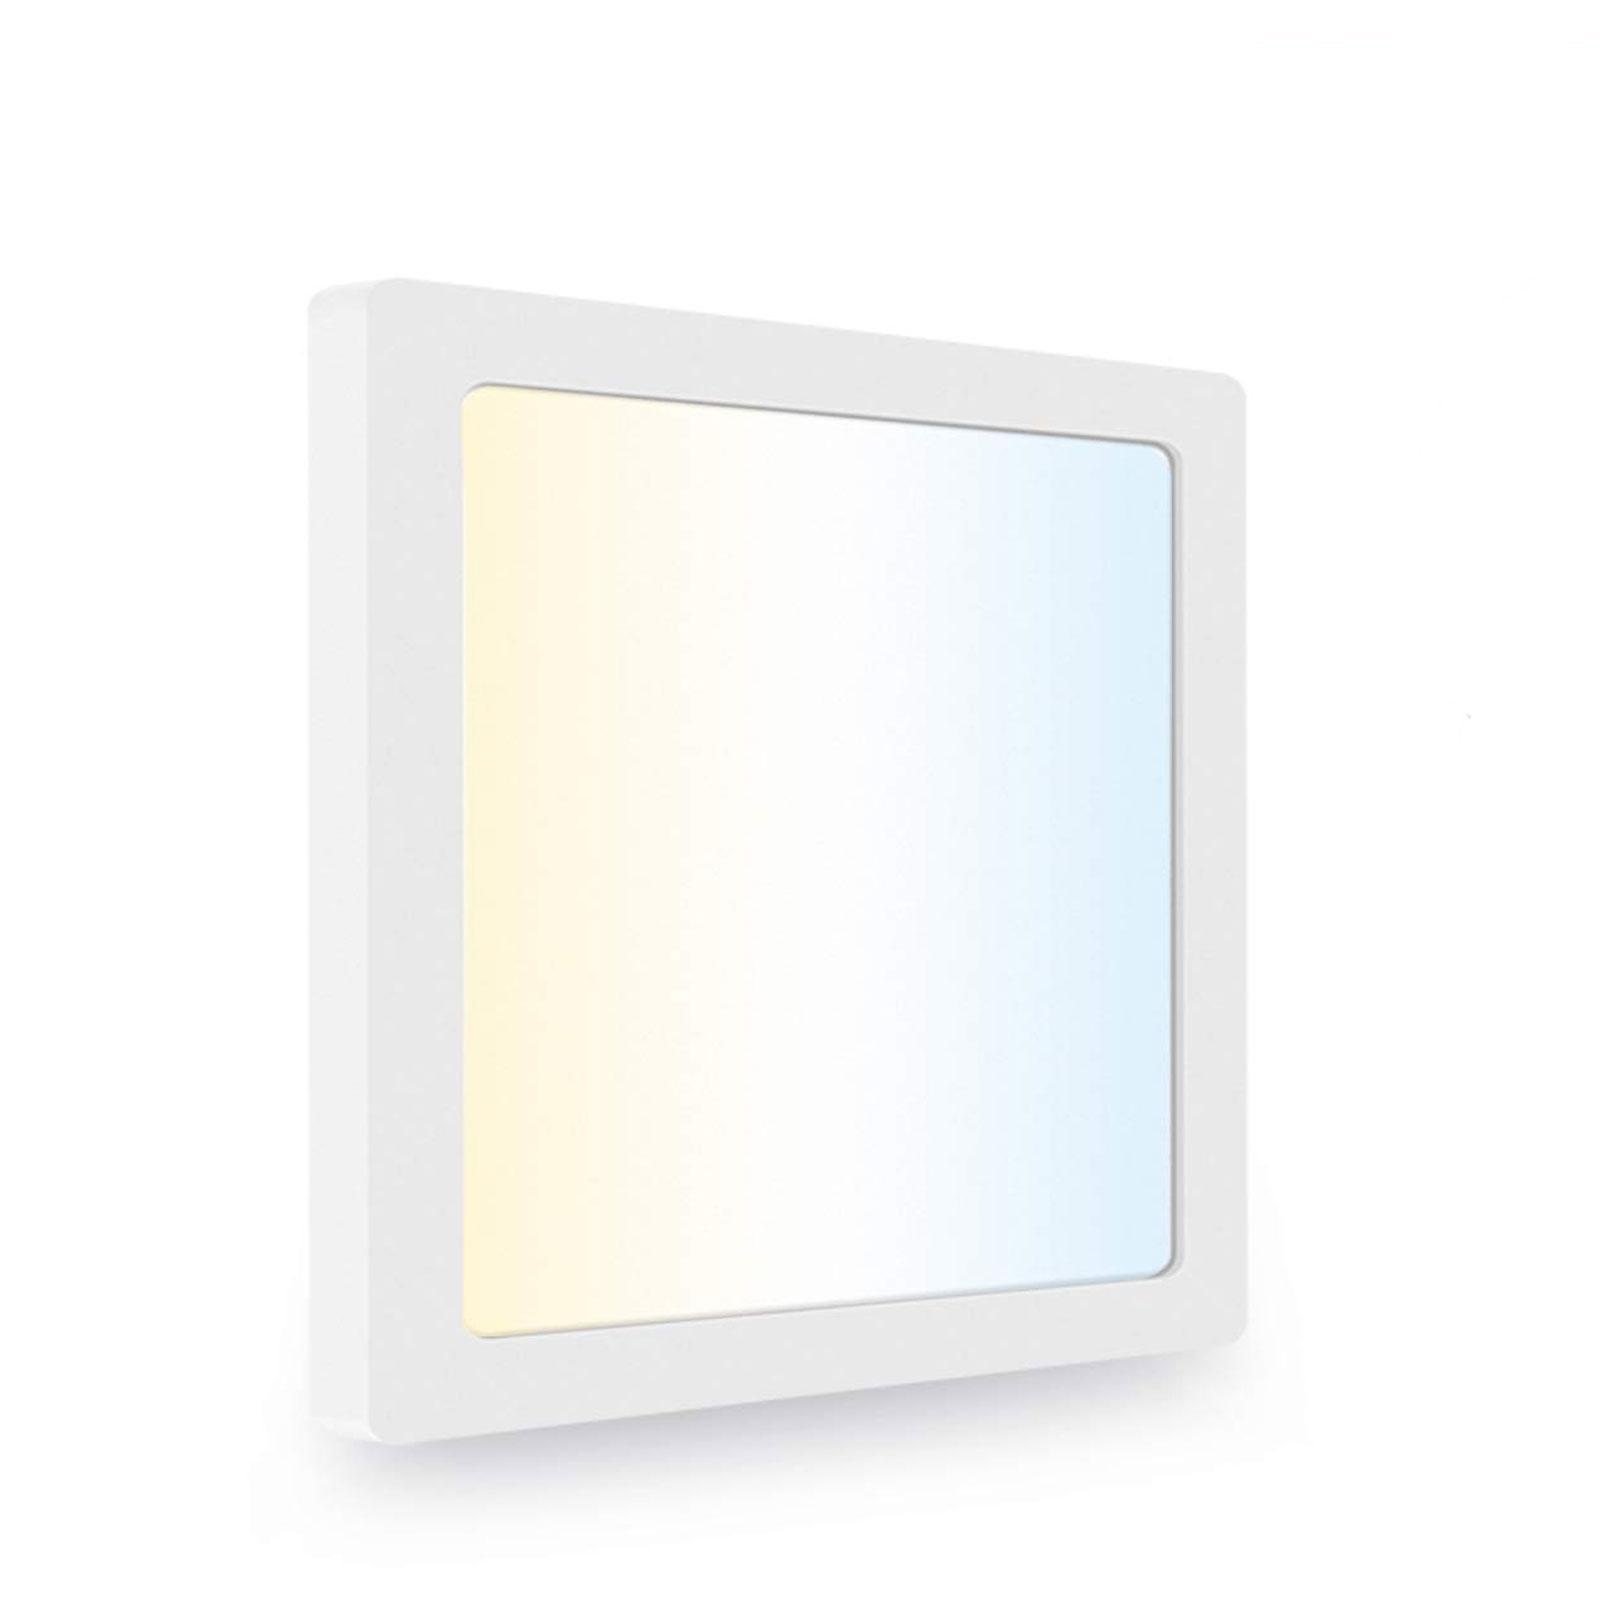 CCT LED Ein-Aufbaustrahler 12W 3000K-6000K